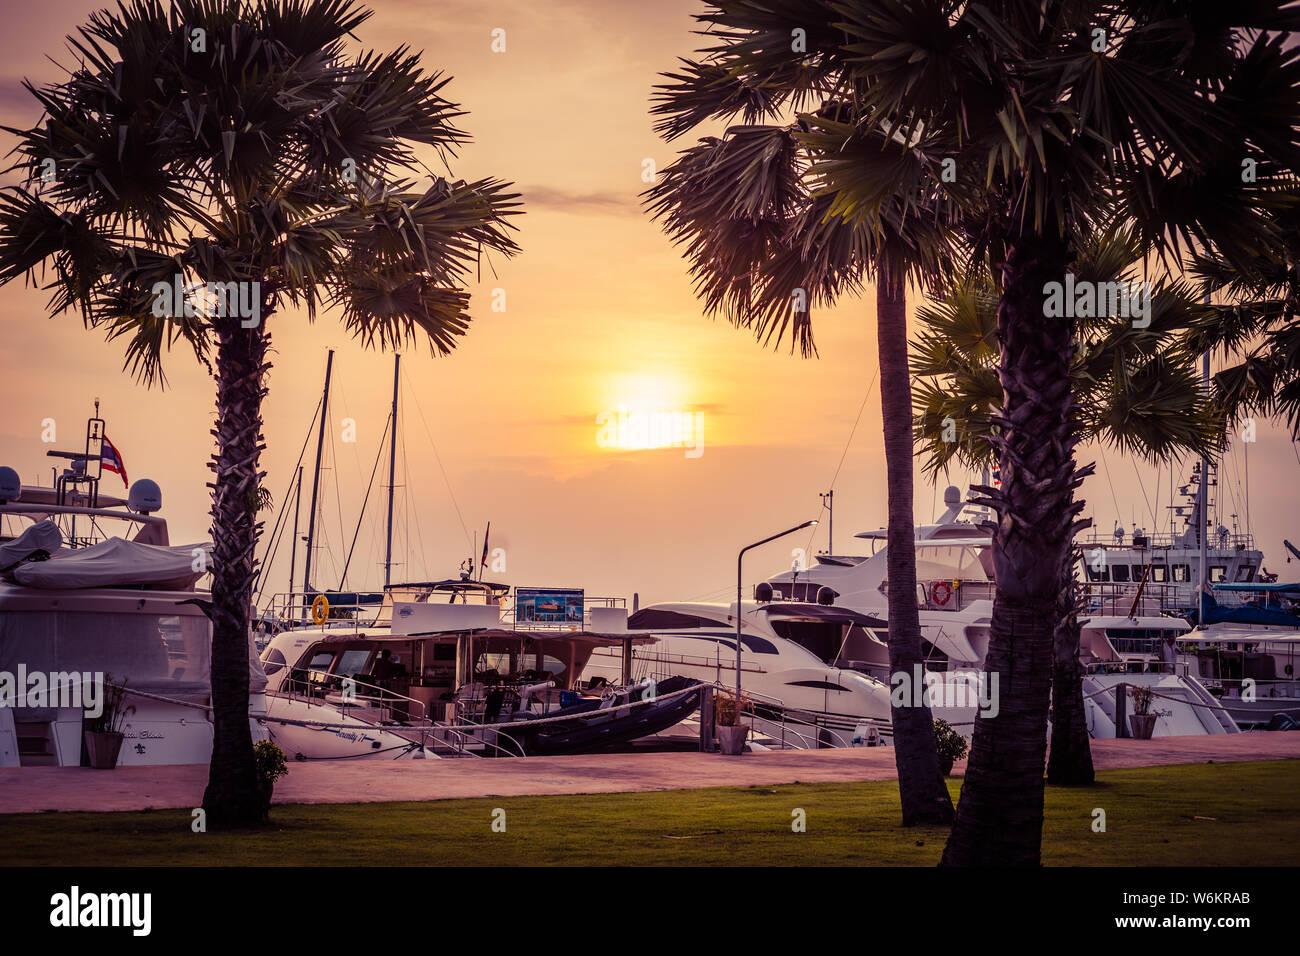 Pattaya Thailand May 28 2019 Luxurious Yachts Docked At